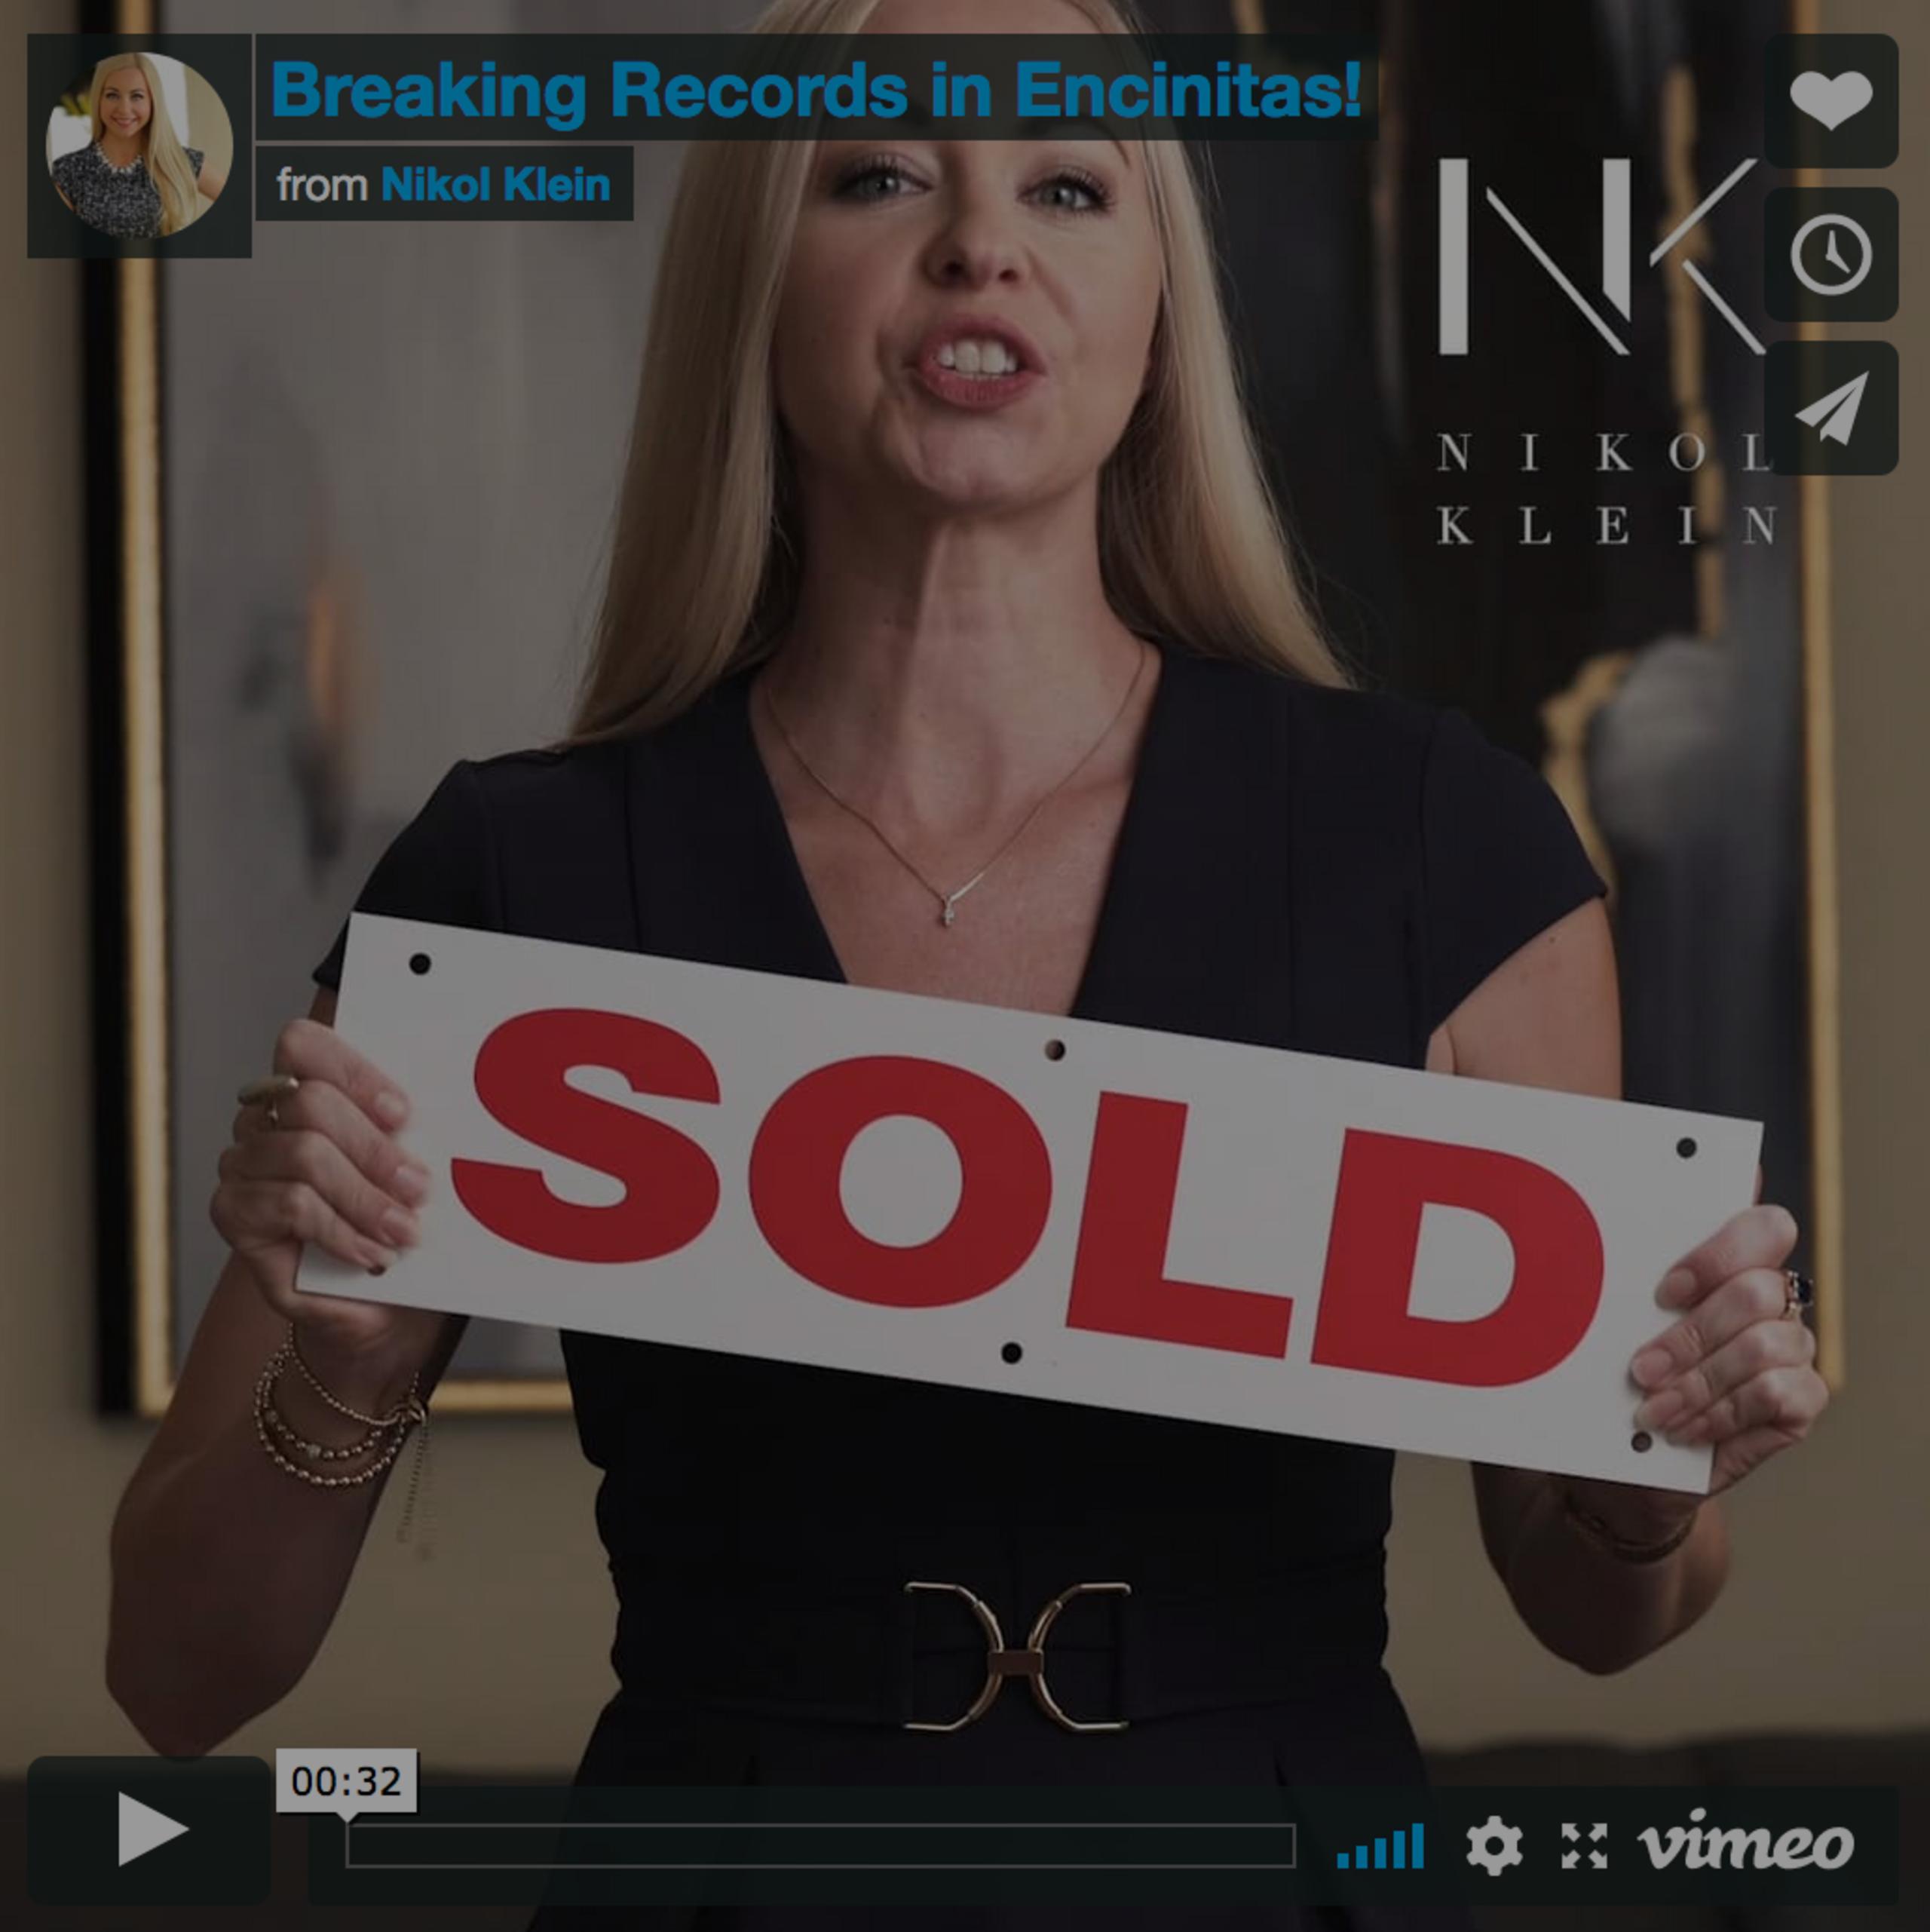 Breaking Records in Encinitas!